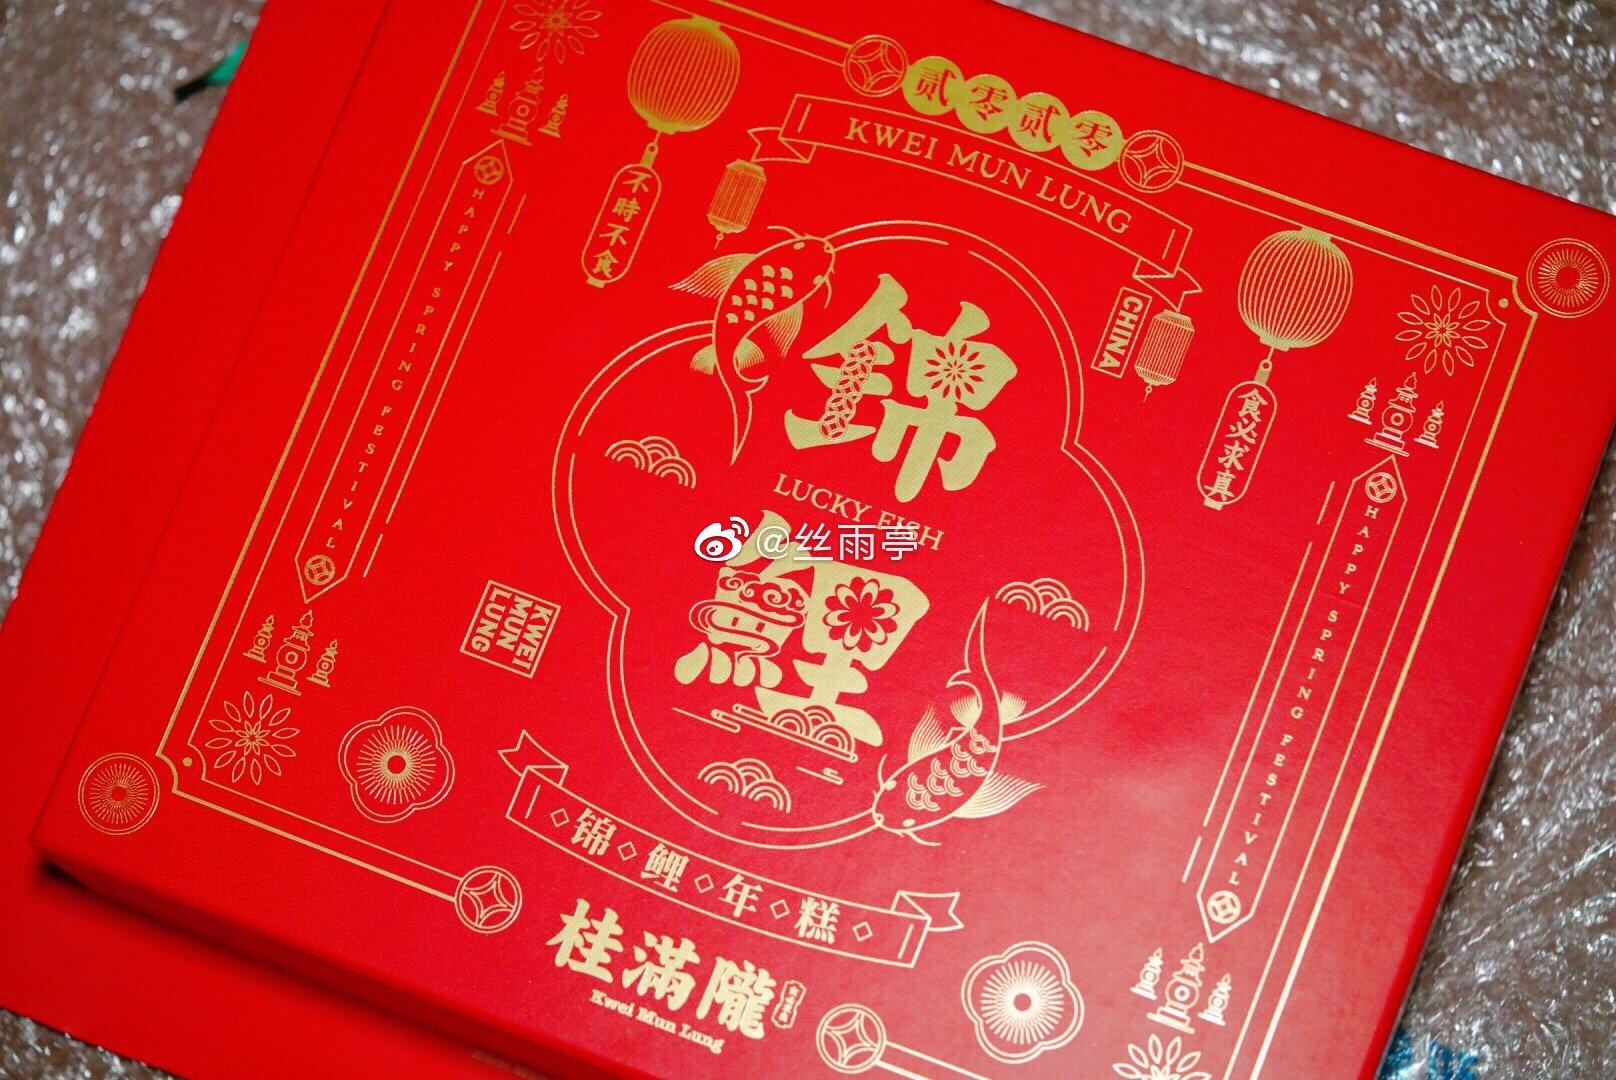 谢谢来自@桂满陇 的爱!新的一年,祝大家都锦鲤附身,年年有余